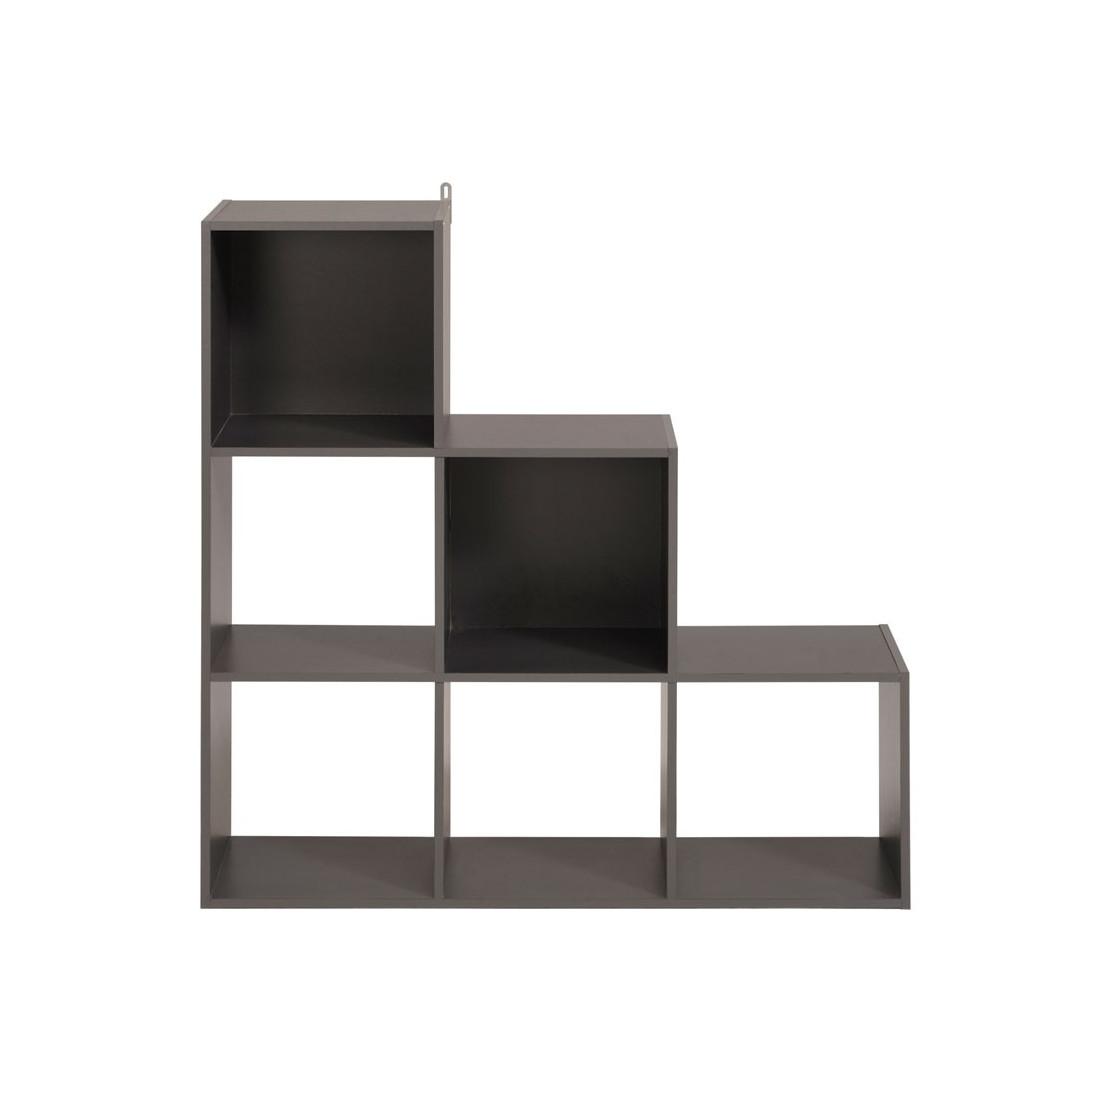 Tag re escalier cube 6 cases gris felix n 4 univers du rangement - Etagere 6 cases ...